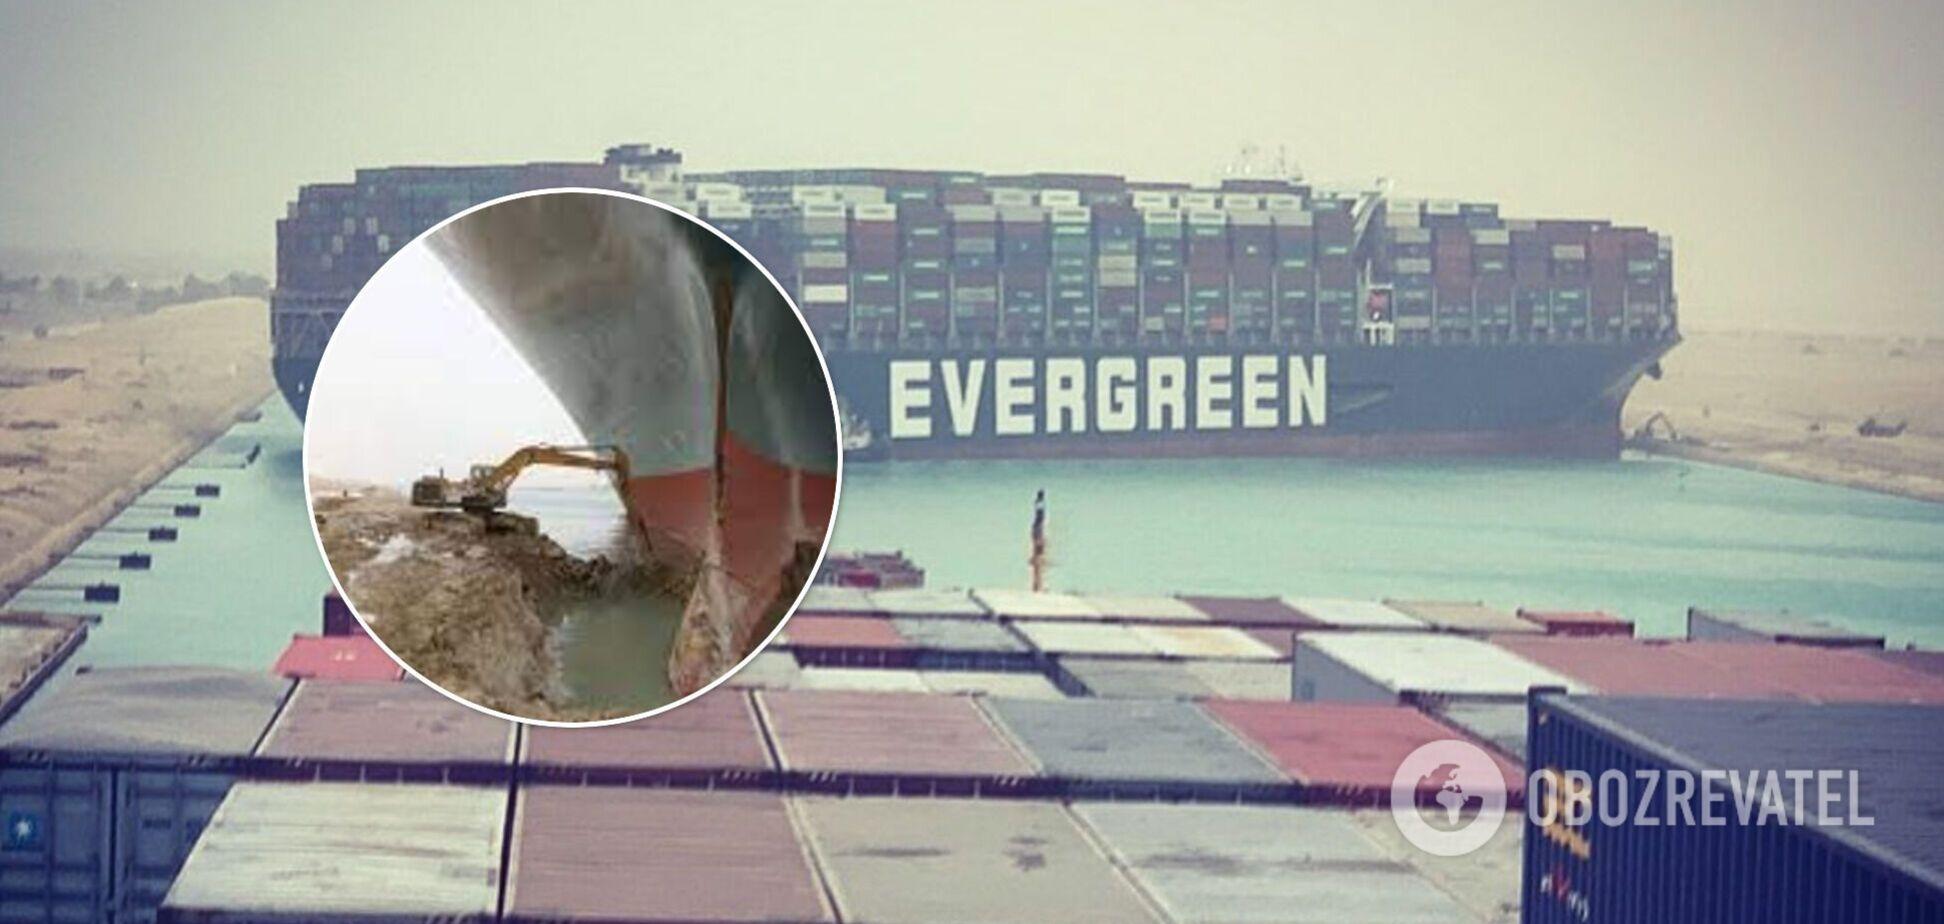 Застрявший в Суэцком канале контейнеровоз спровоцировал массу фотожаб и мемов в сети. Фото